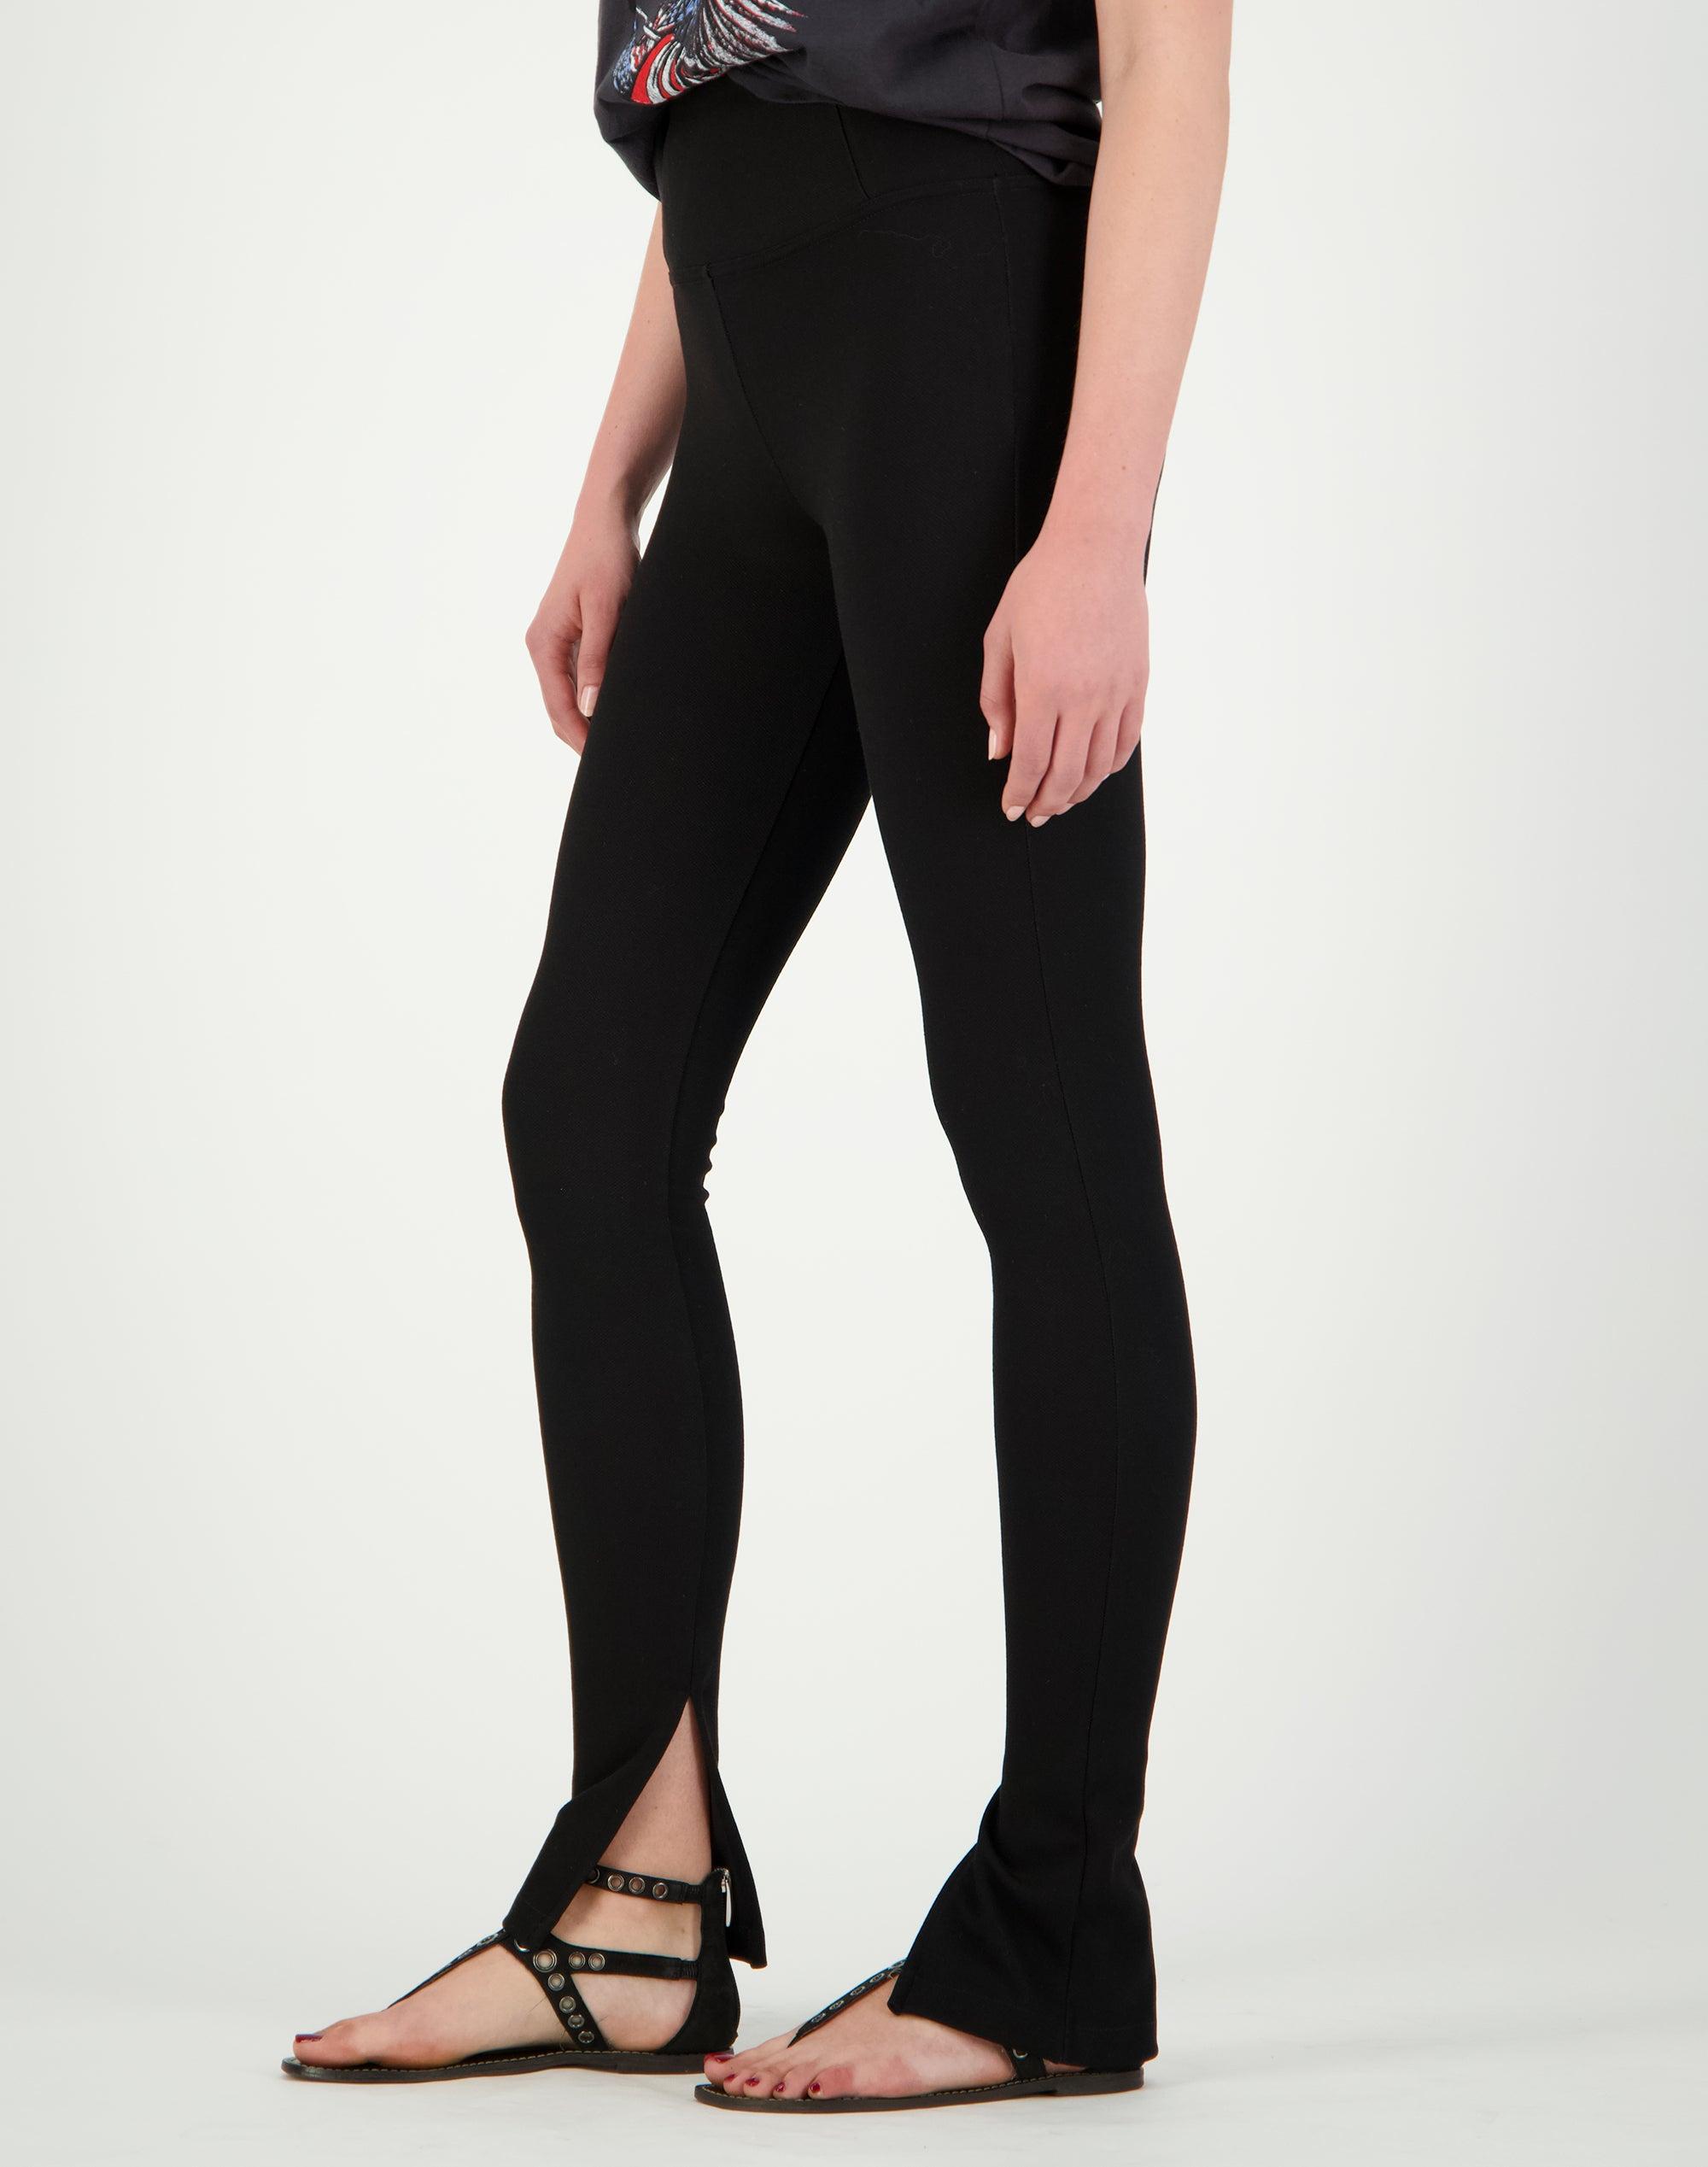 Split Leg Legging